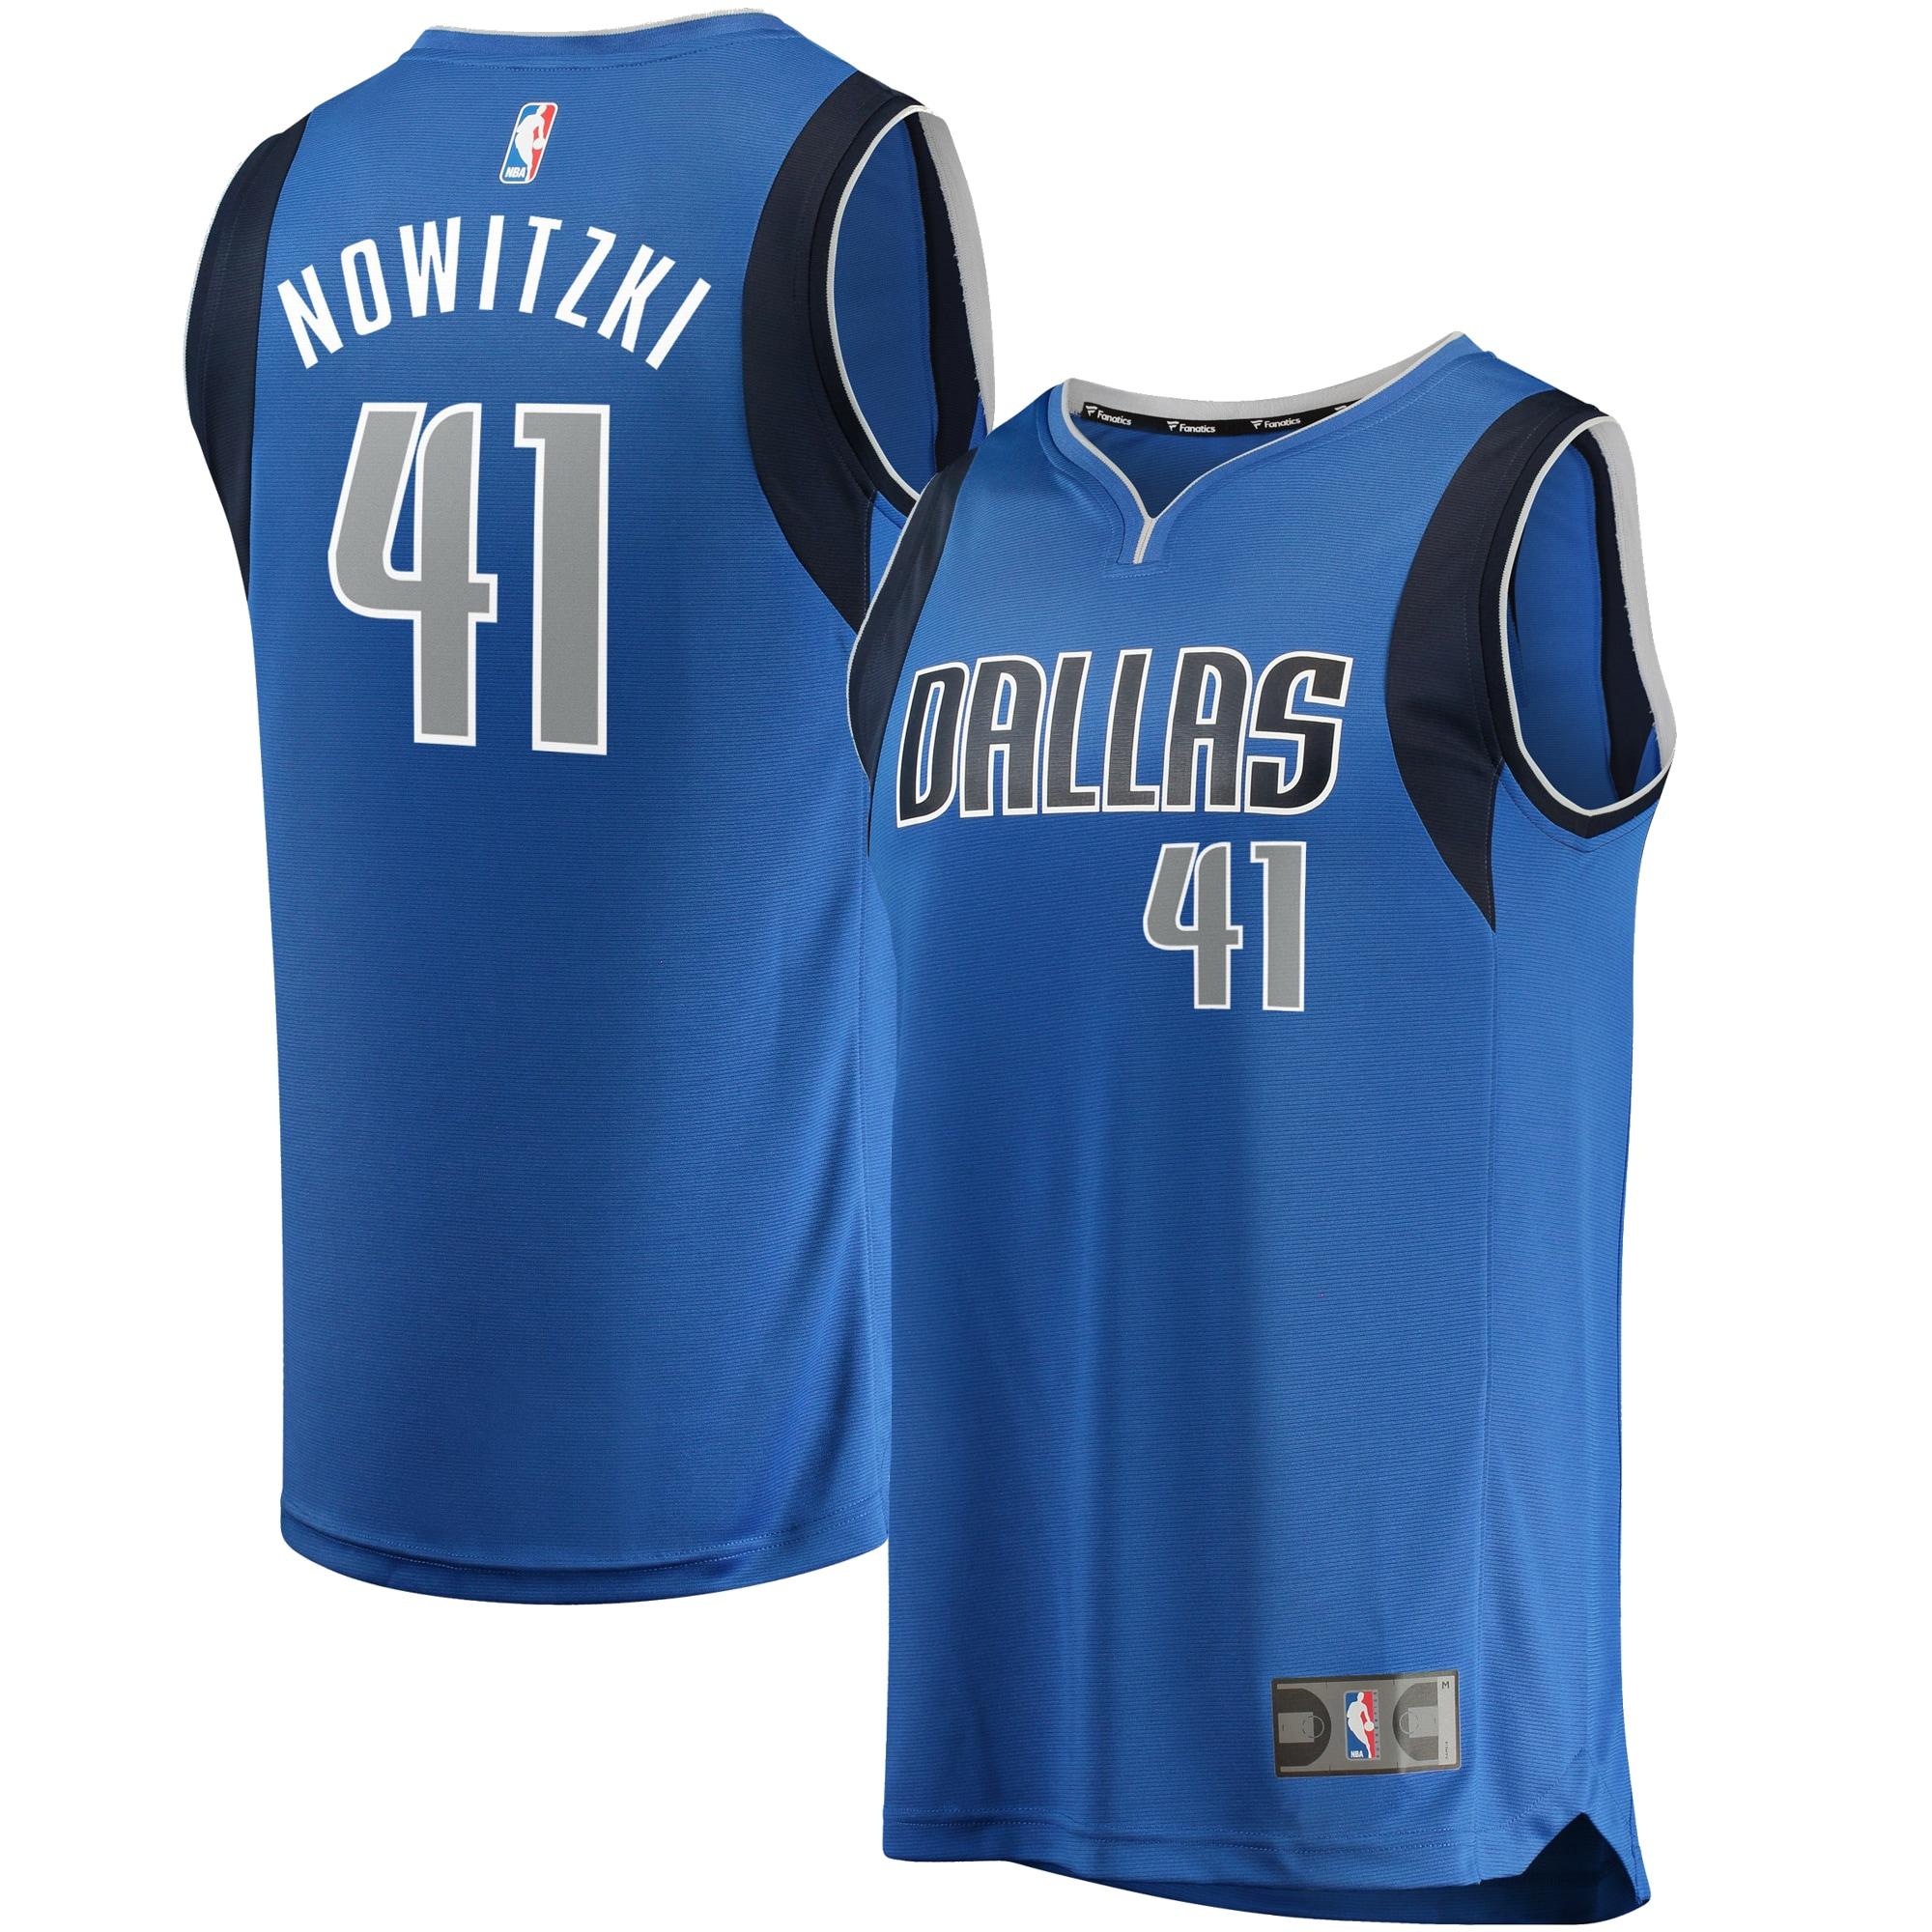 Dirk Nowitzki Dallas Mavericks Fanatics Branded Youth Fast Break Replica Jersey - Blue